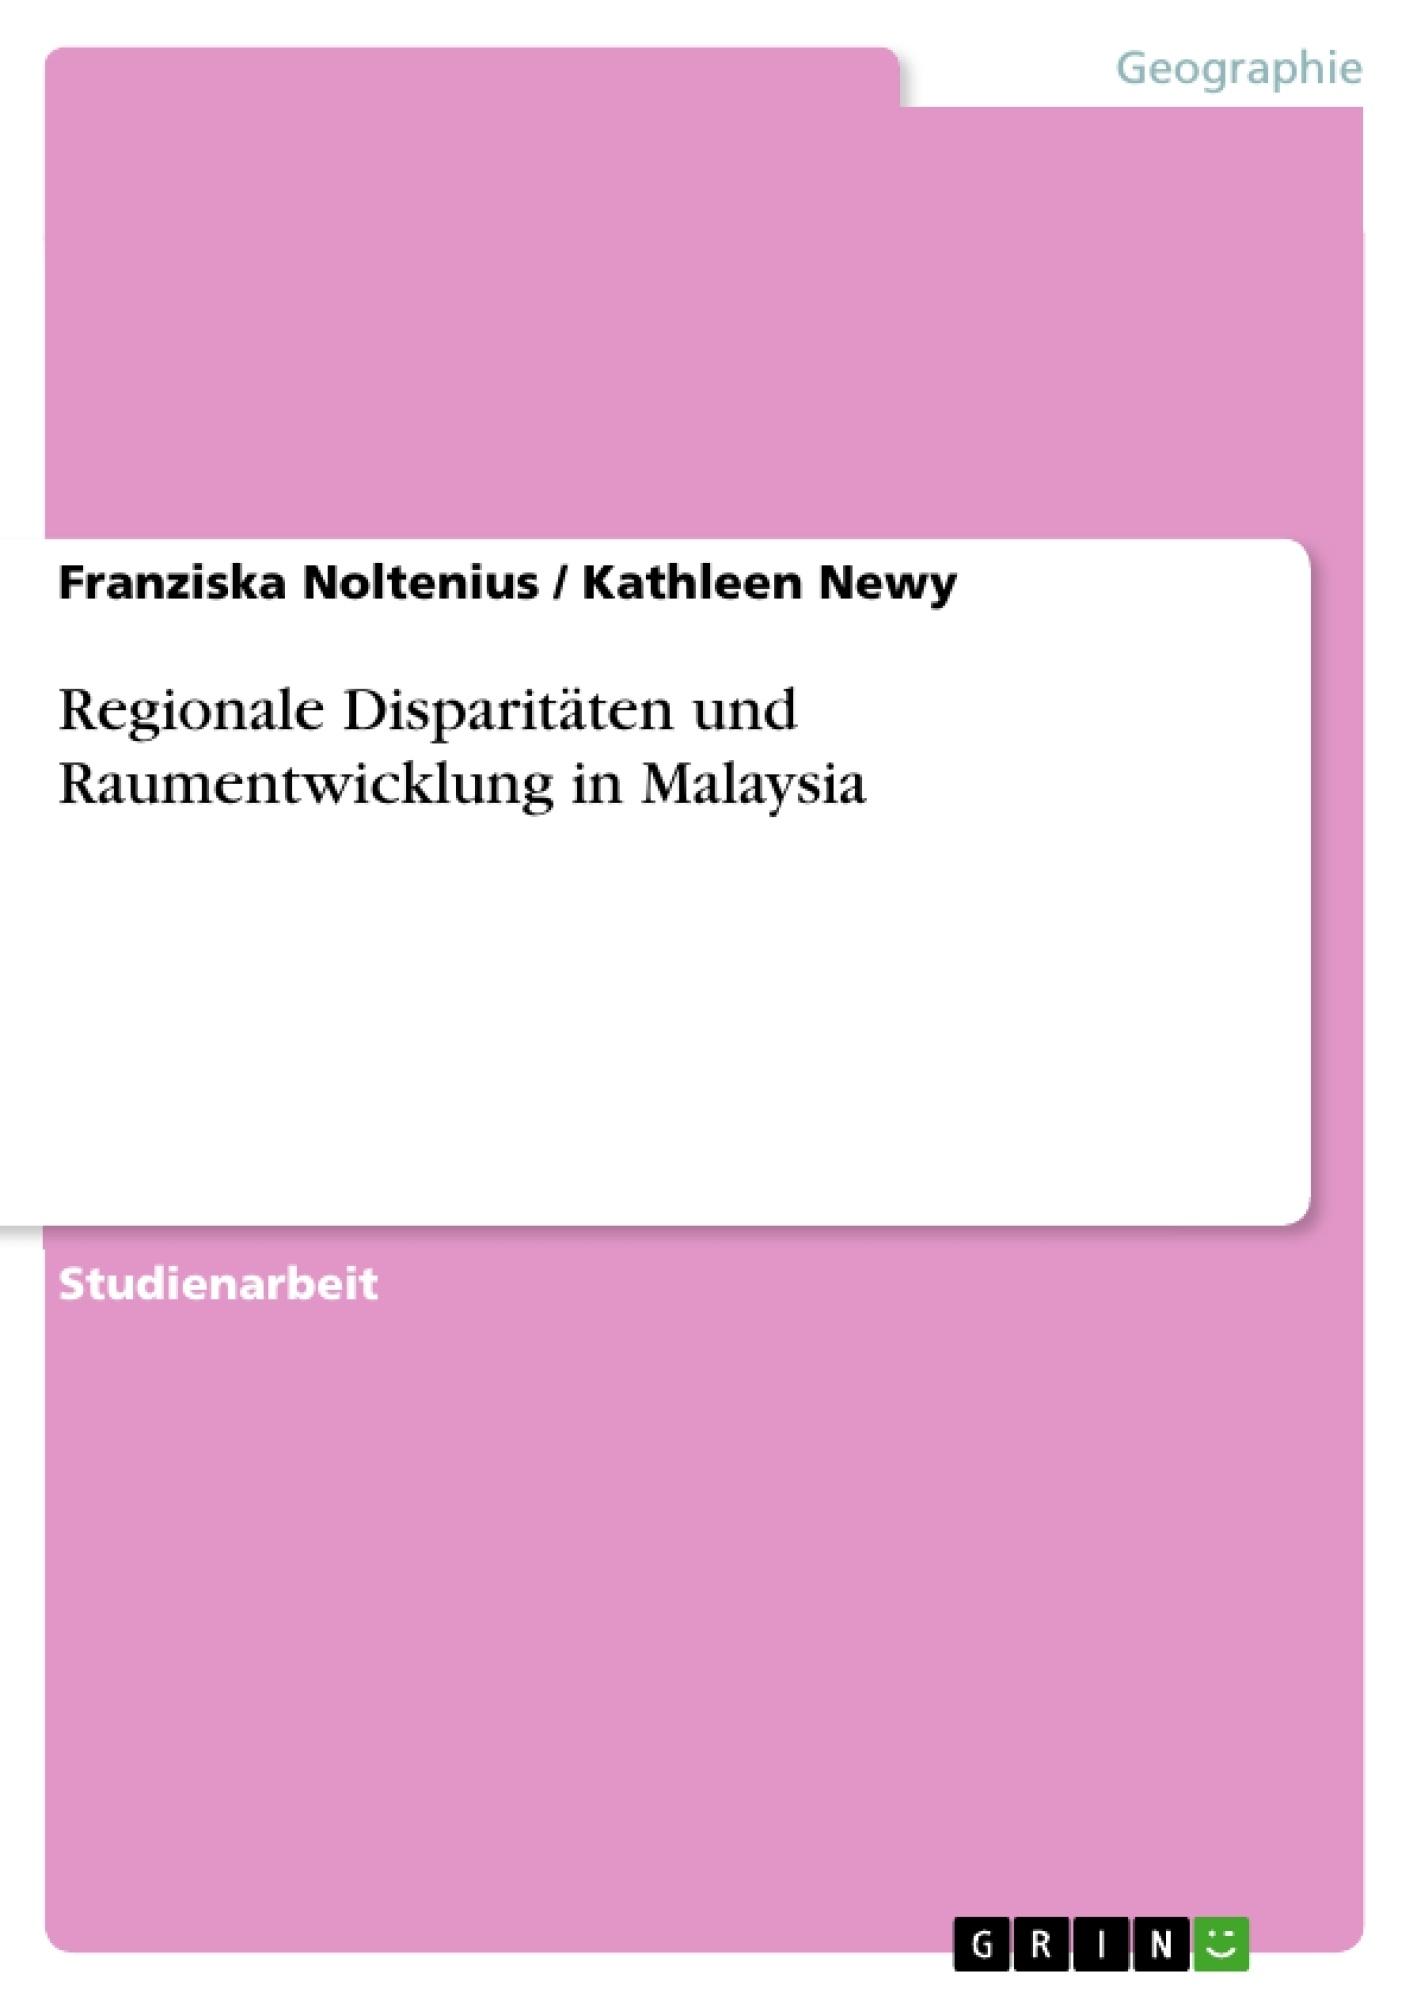 Titel: Regionale Disparitäten und Raumentwicklung in Malaysia